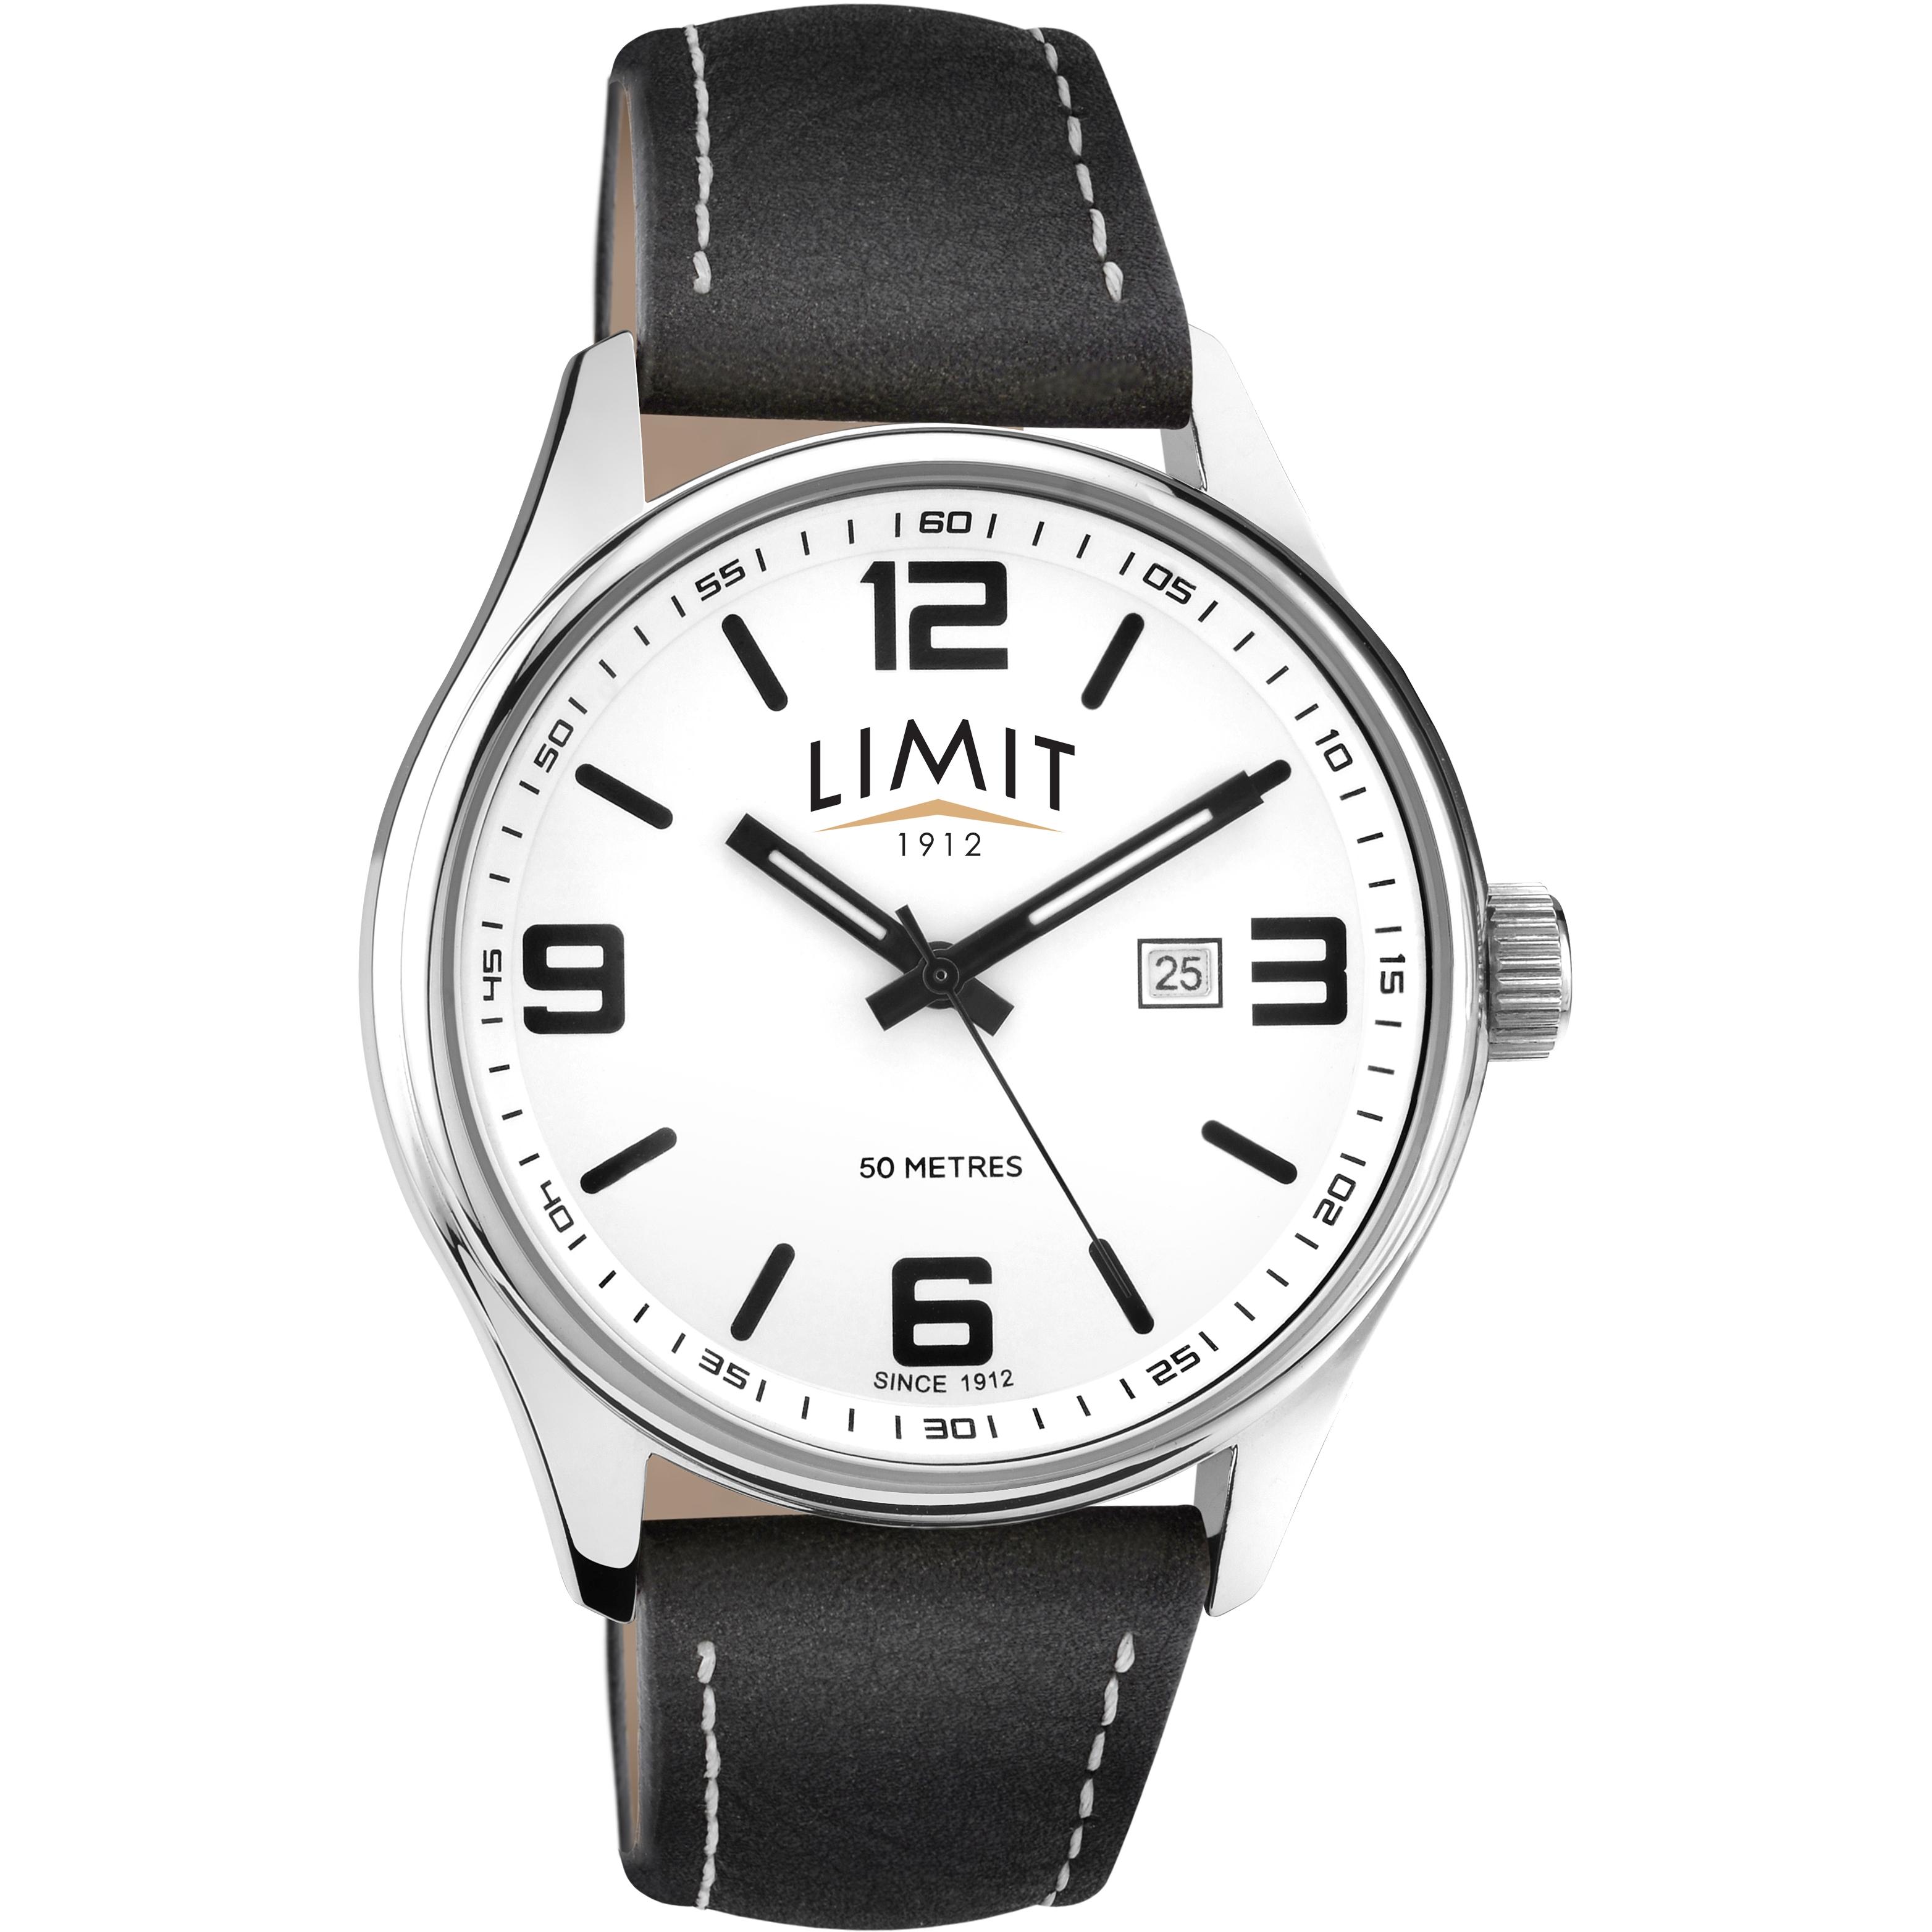 fd66468d1073d Gents Limit Watch (5540.01)